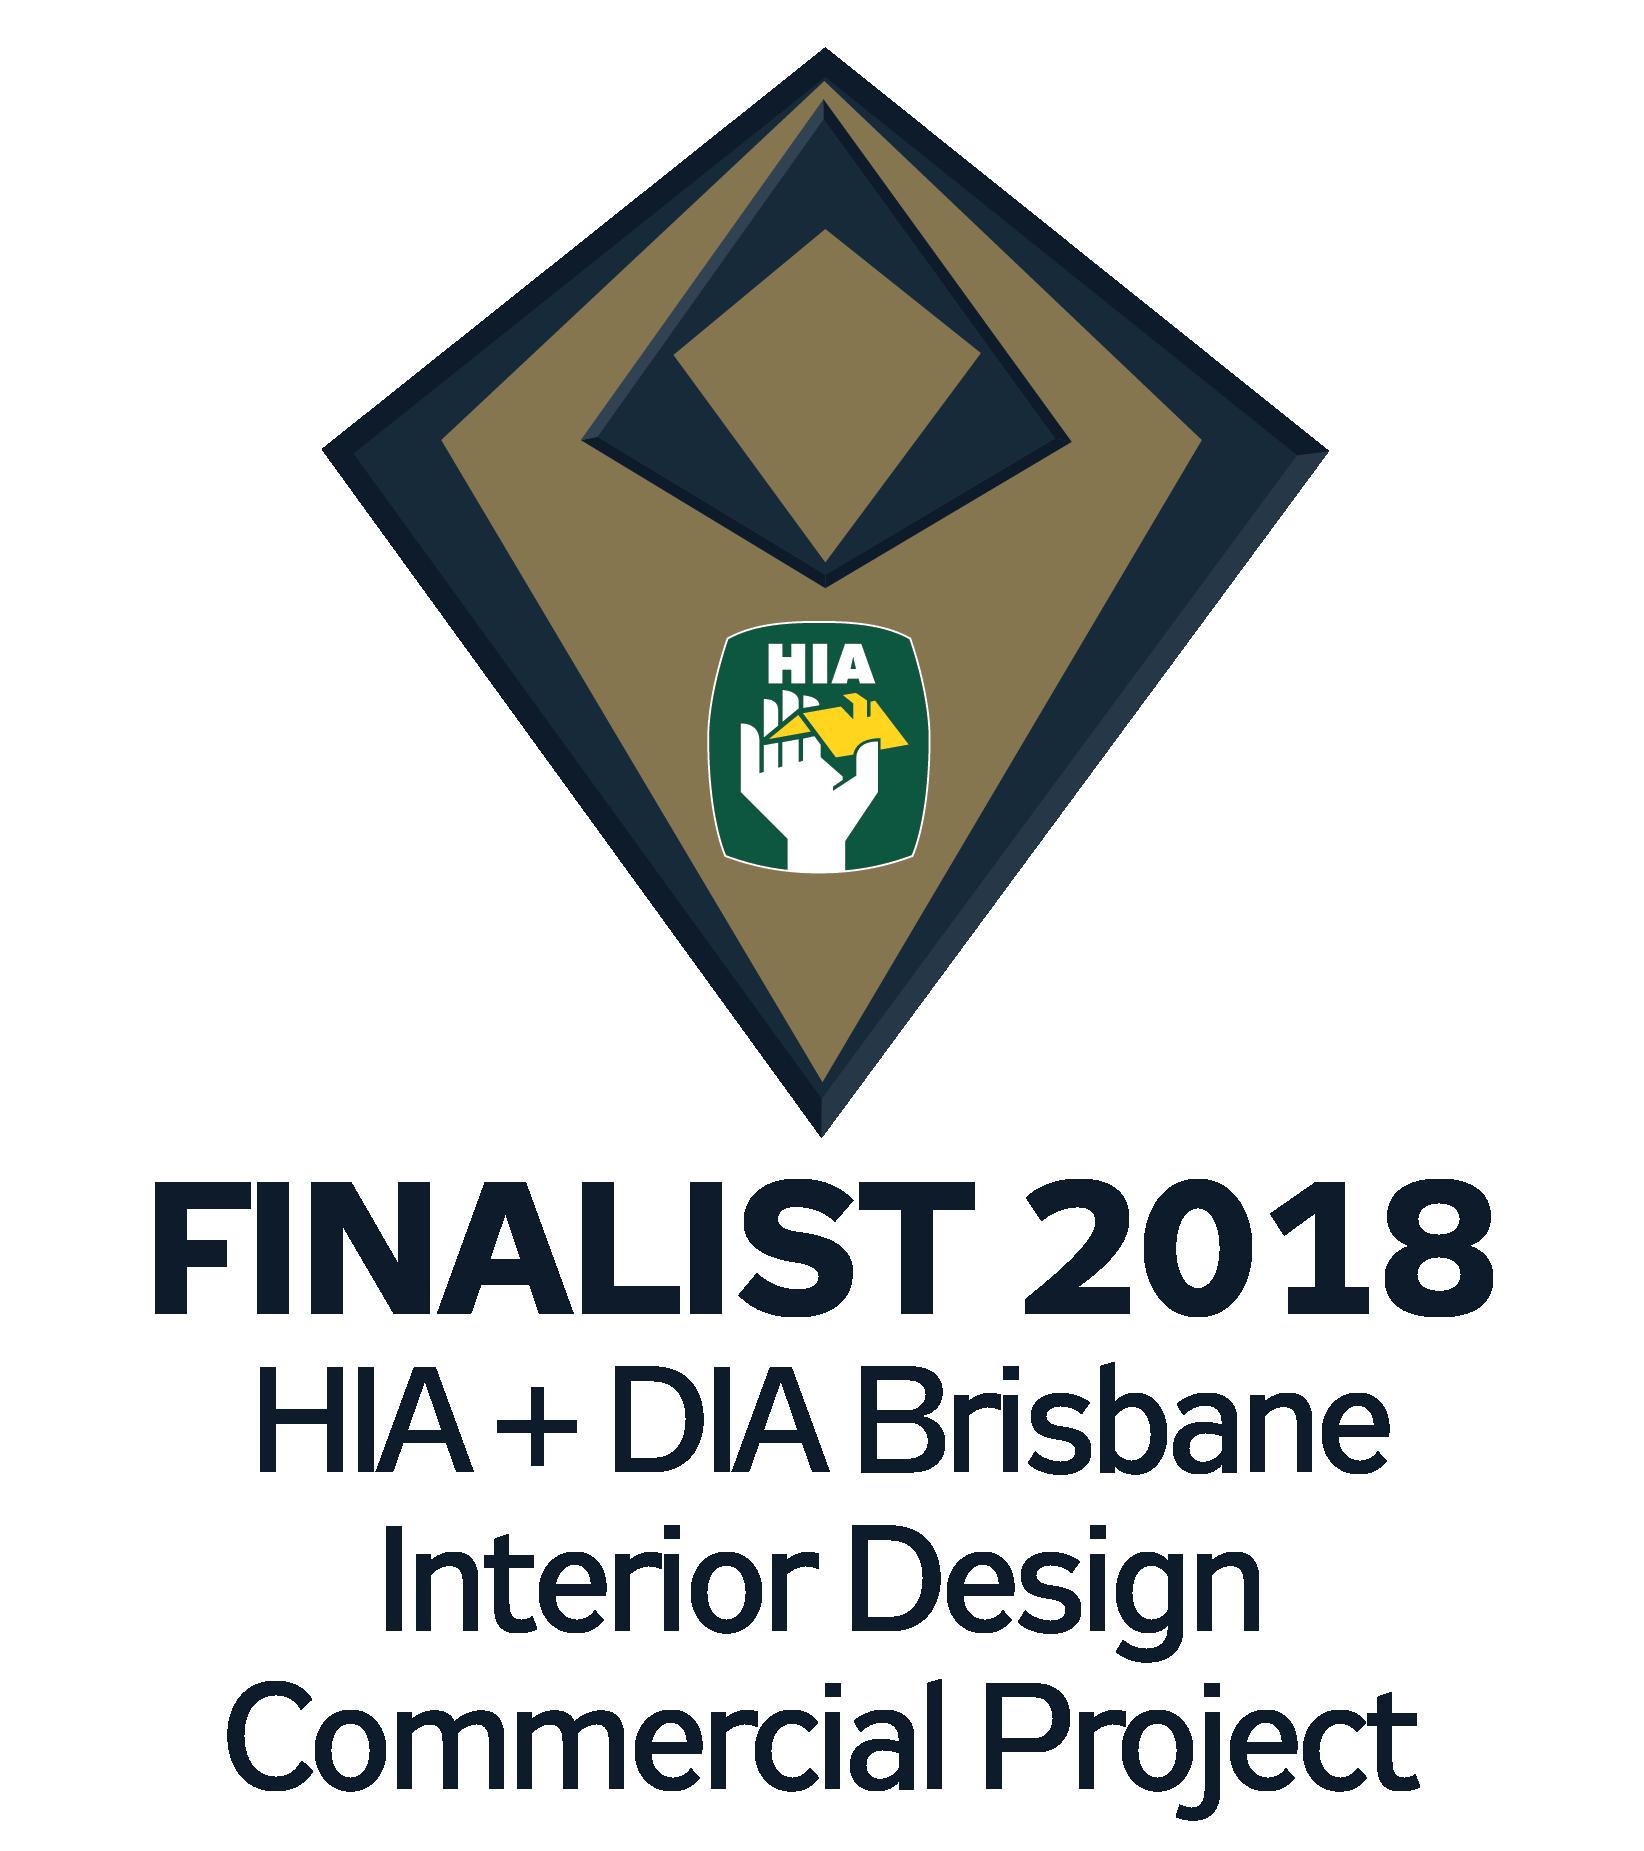 DIA BRIS_HA18_FINALIST_logo_COMM_INT_DES.png